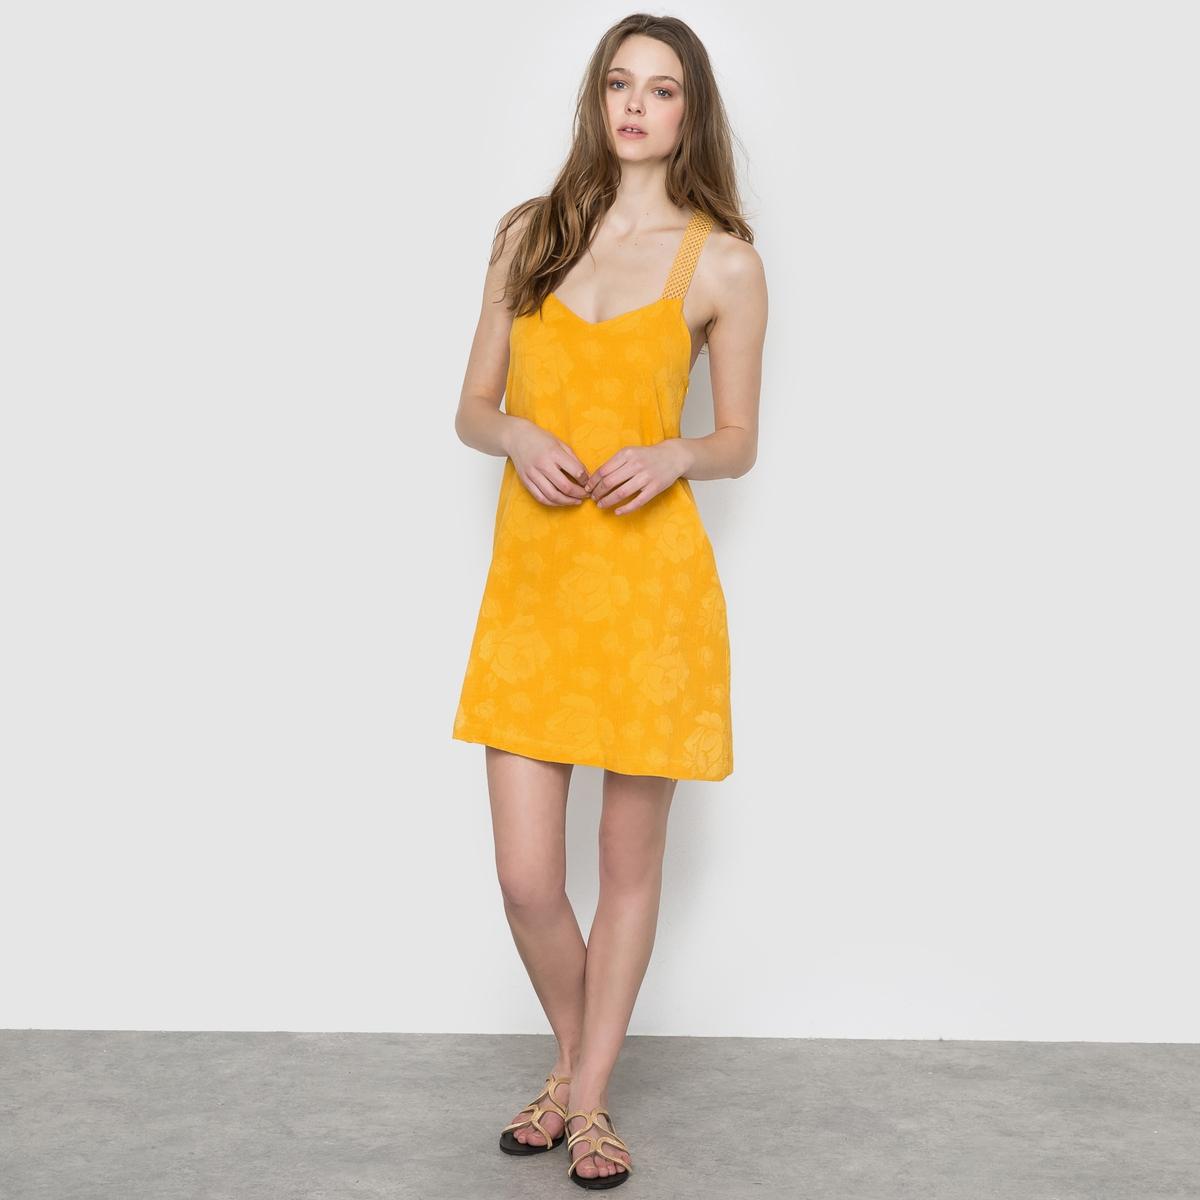 Платье с тонкими бретелямиПлатье SUNCOO на перекрещенных сзади тонких бретелях из ажурной вышивки . Цветочный однотонный мотив .Состав и описание      Материал    60% хлопка, 40% льна    Подкладка   100% вискозы      Марка    SUNCOO<br><br>Цвет: желтый горчичный<br>Размер: M